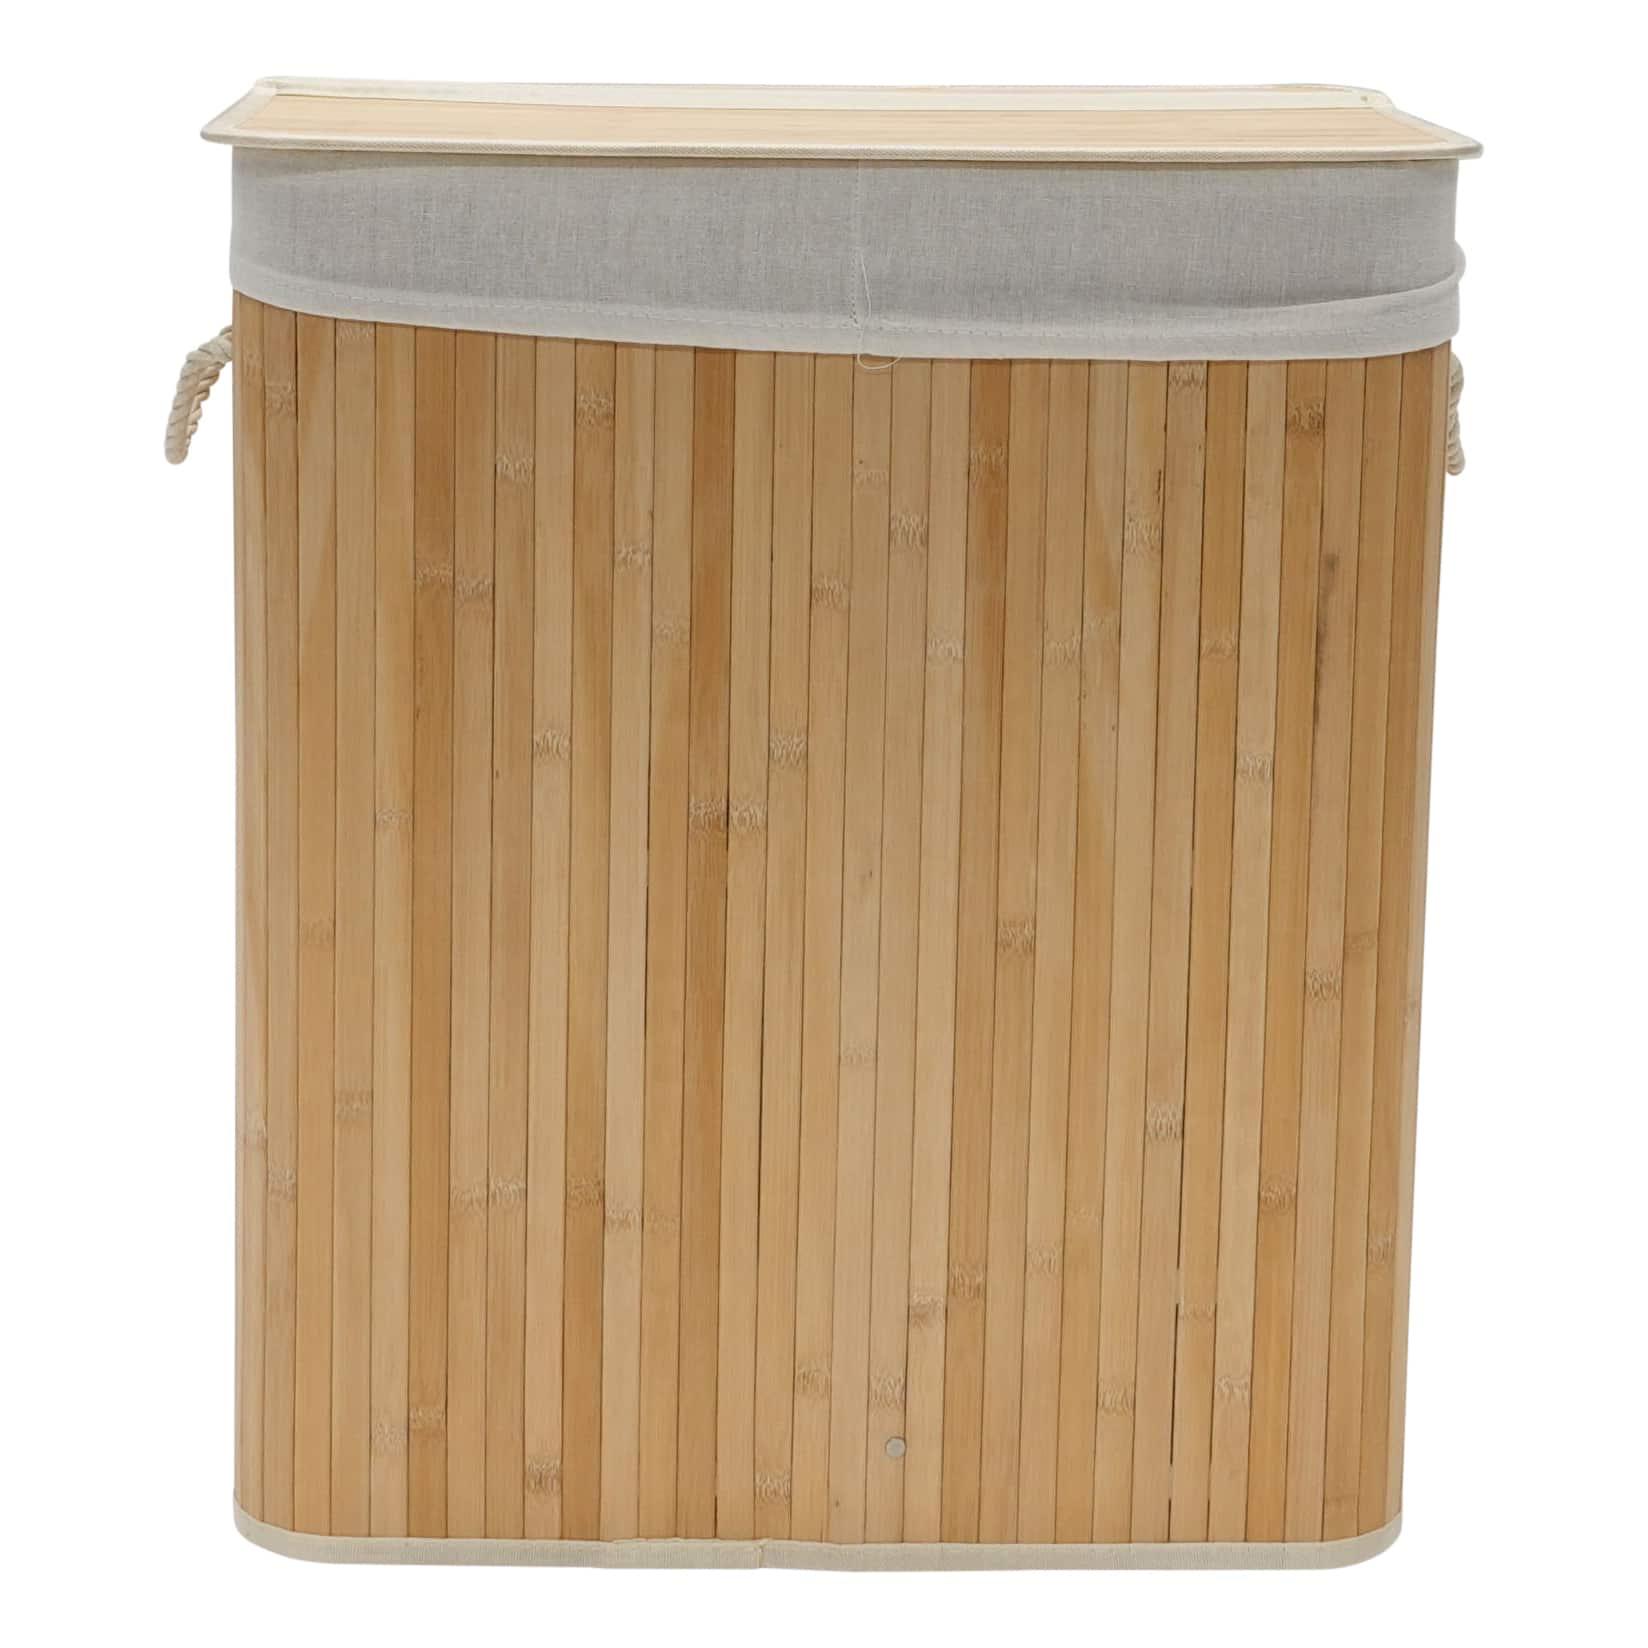 4Goodz bamboe wasmand met deksel en handvaten - 72 liter - 30x40x60 cm